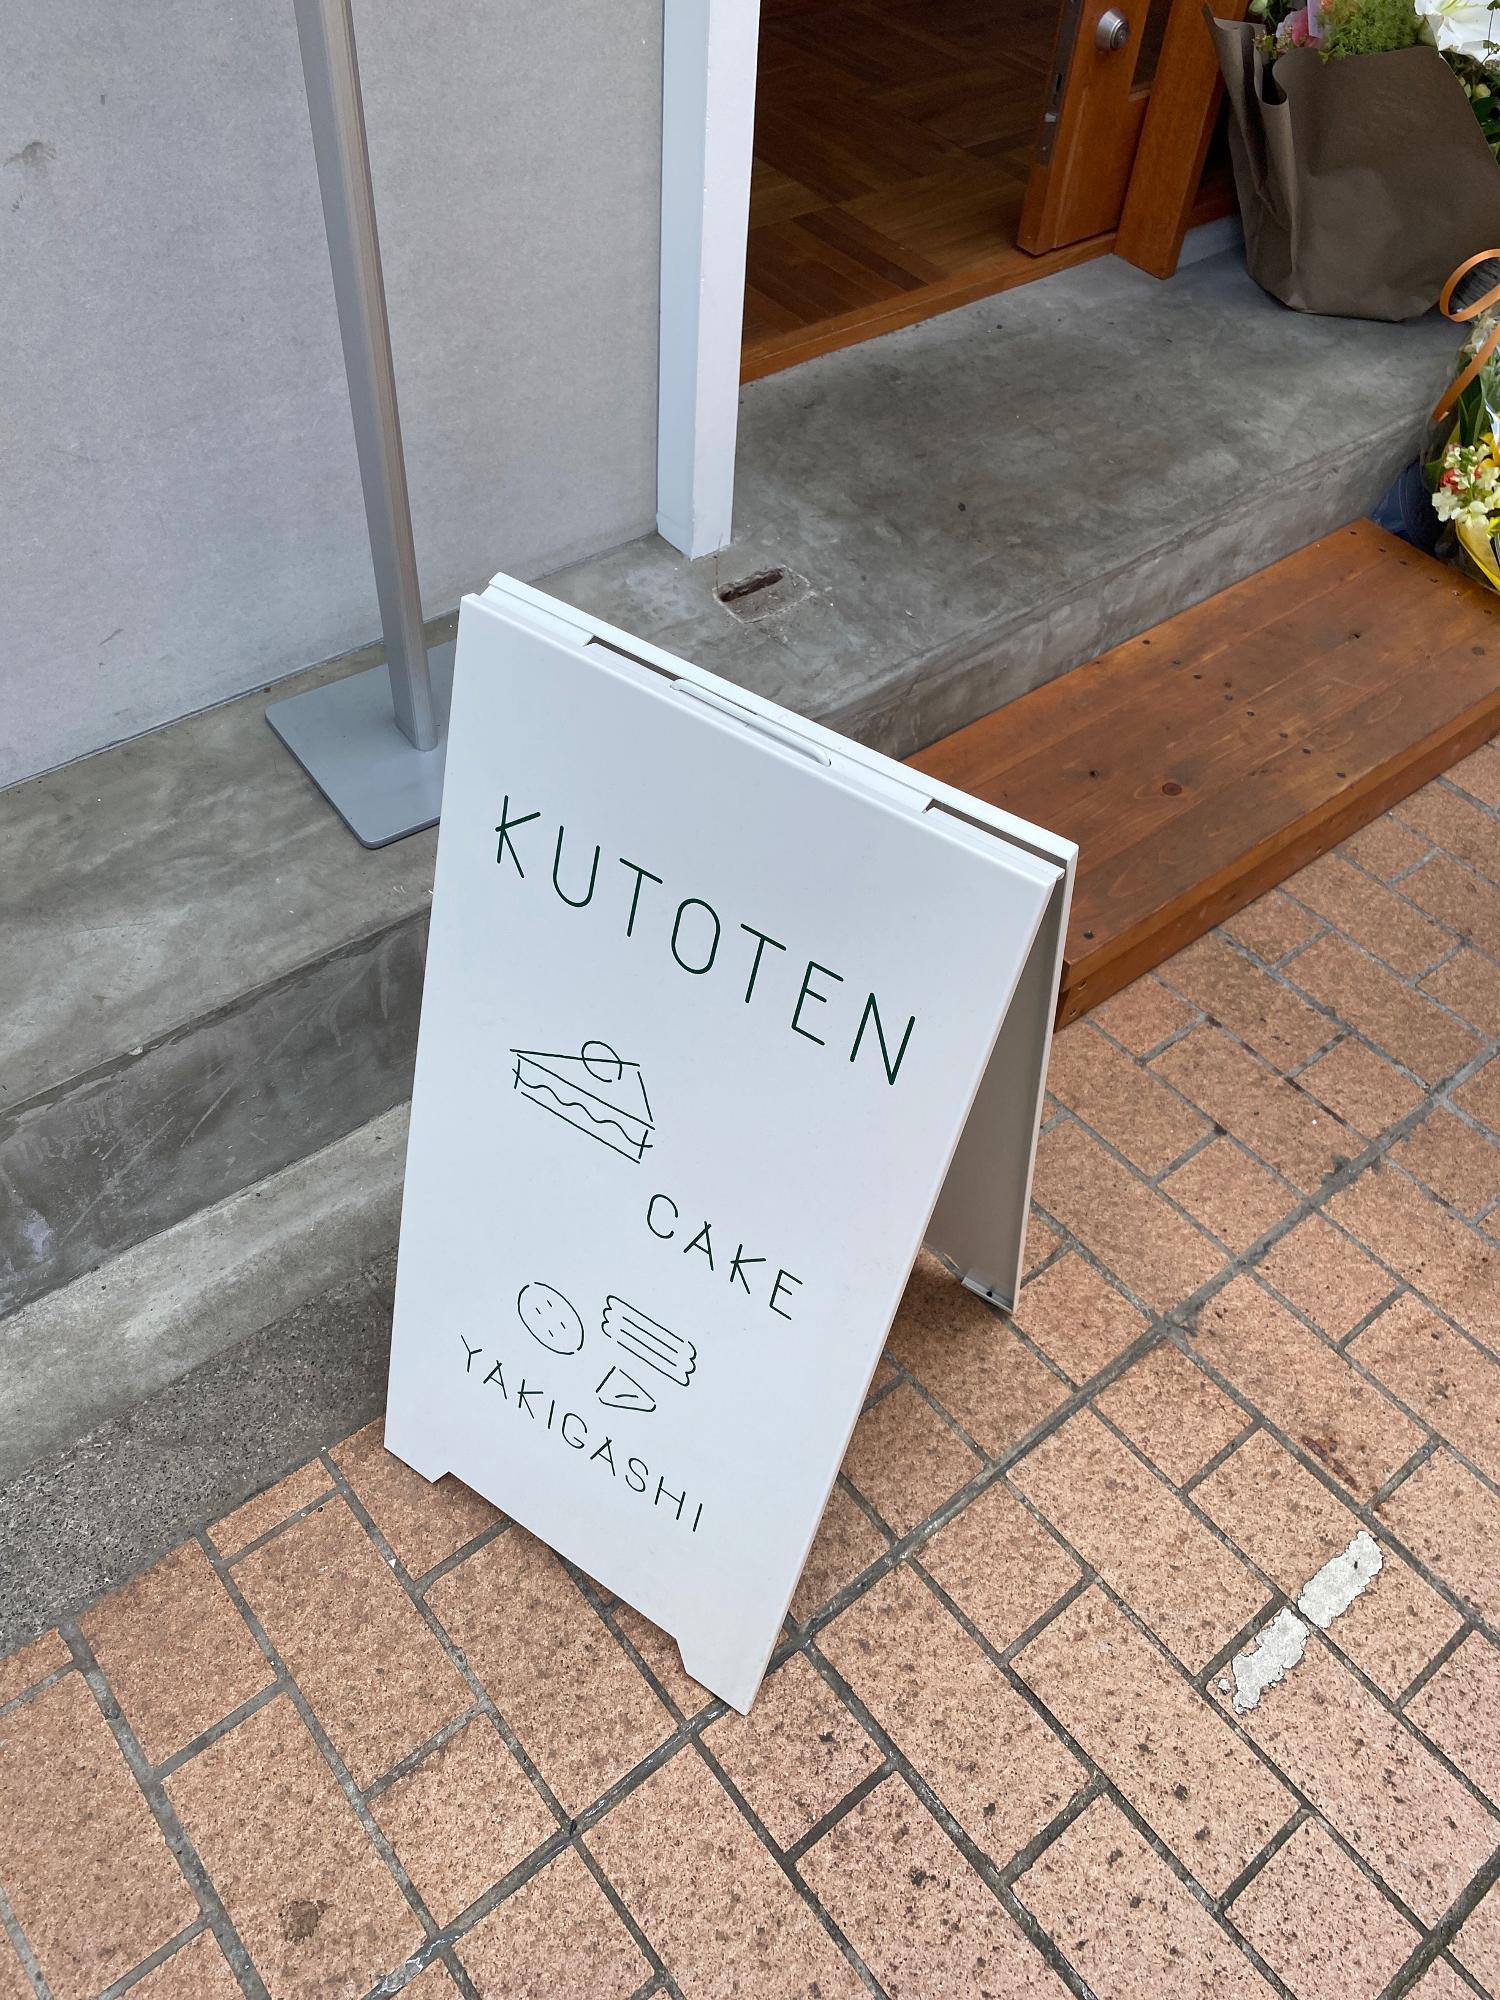 「KUTOTEN」のかわいい看板